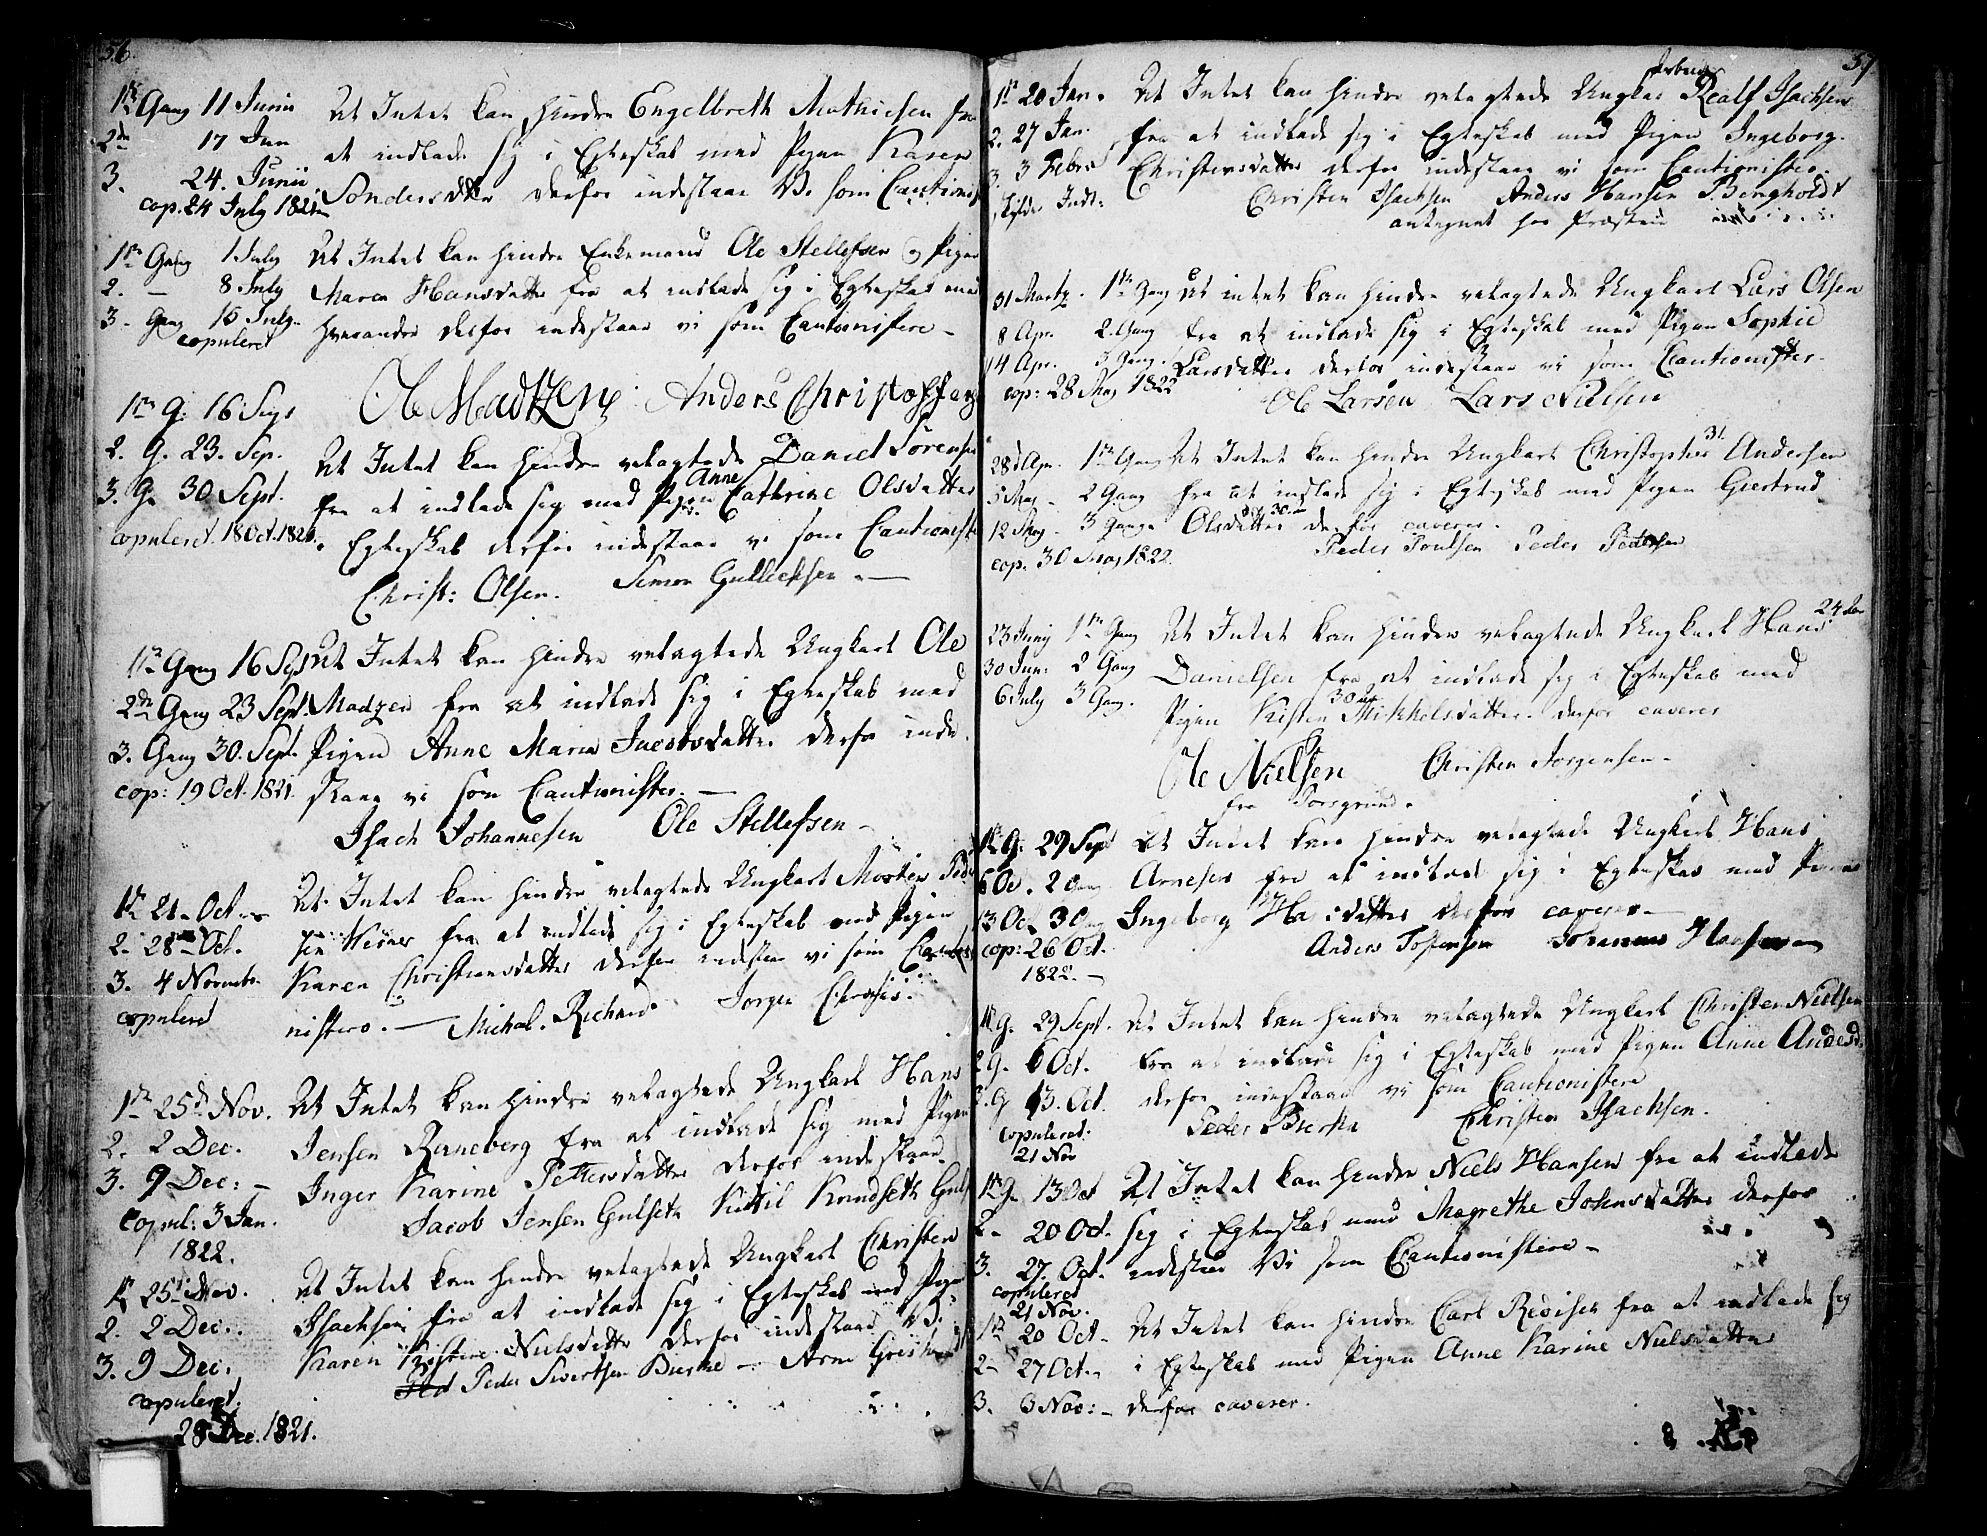 SAKO, Skien kirkebøker, F/Fa/L0004: Ministerialbok nr. 4, 1792-1814, s. 56-57